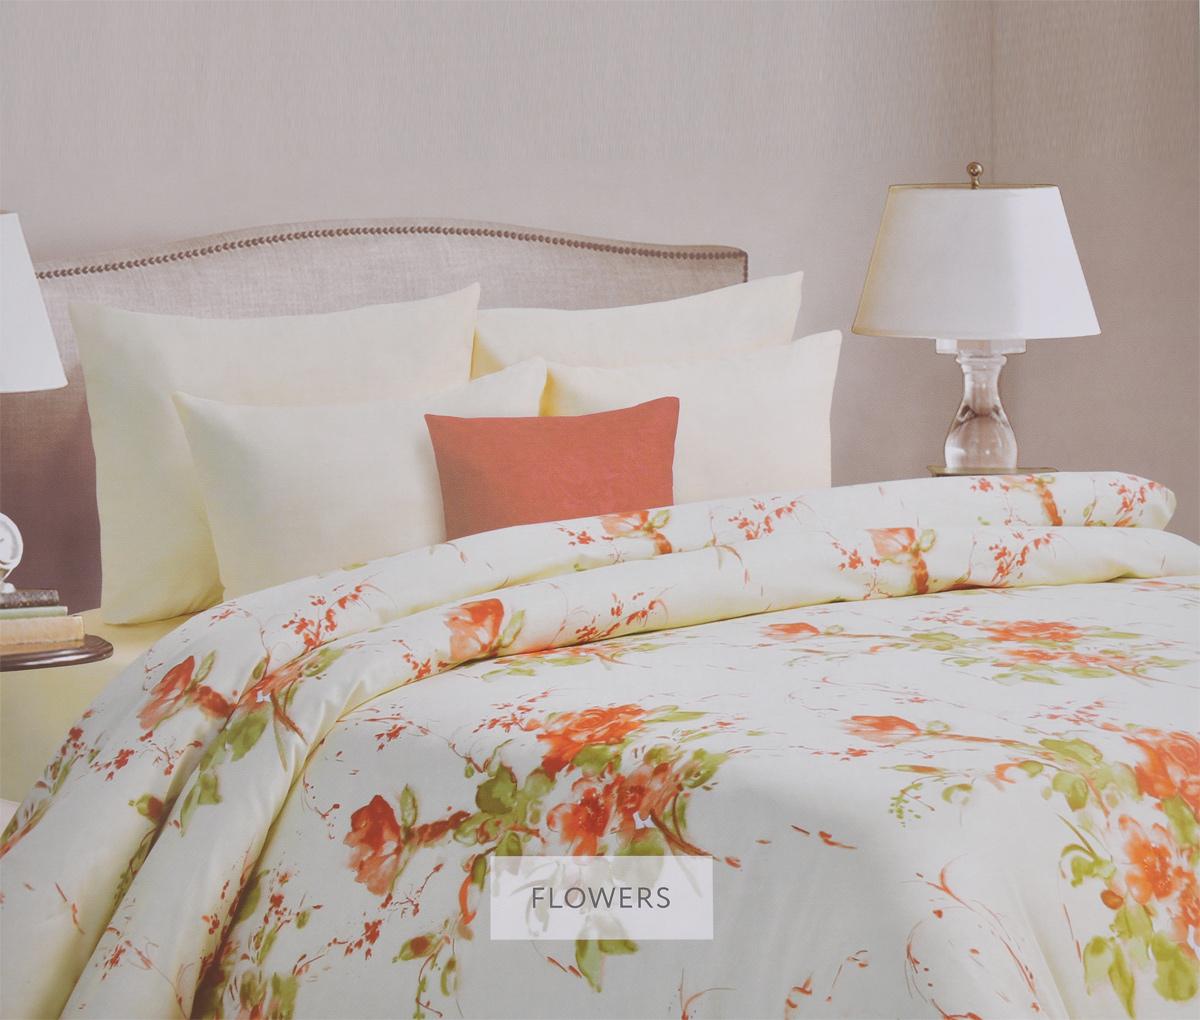 Комплект белья Mona Liza Flowers, 2-спальный, наволочки 50х70, цвет: бежевый, светло-зеленый. 562205/6562205/6Комплект белья Mona Liza Flowers, выполненный из батиста (100% хлопок), состоит из пододеяльника, простыни и двух наволочек. Изделия оформлены красивым цветочным рисунком. Батист - тонкая, легкая натуральная ткань полотняного переплетения. Батист, несомненно, является одной из самых аристократичных и совершенных тканей. Он отличается нежностью, трепетной утонченностью и изысканностью. Ткань с незначительной сминаемостью, хорошо сохраняющая цвет при стирке, легкая, с прекрасными гигиеническими показателями. В комплект входит: Пододеяльник - 1 шт. Размер: 175 см х 210 см. Простыня - 1 шт. Размер: 215 см х 240 см. Наволочка - 2 шт. Размер: 50 см х 70 см. Рекомендации по уходу: - Ручная и машинная стирка 40°С, - Гладить при температуре не более 150°С, - Не использовать хлорсодержащие средства, - Щадящая сушка, - Не подвергать химчистке.